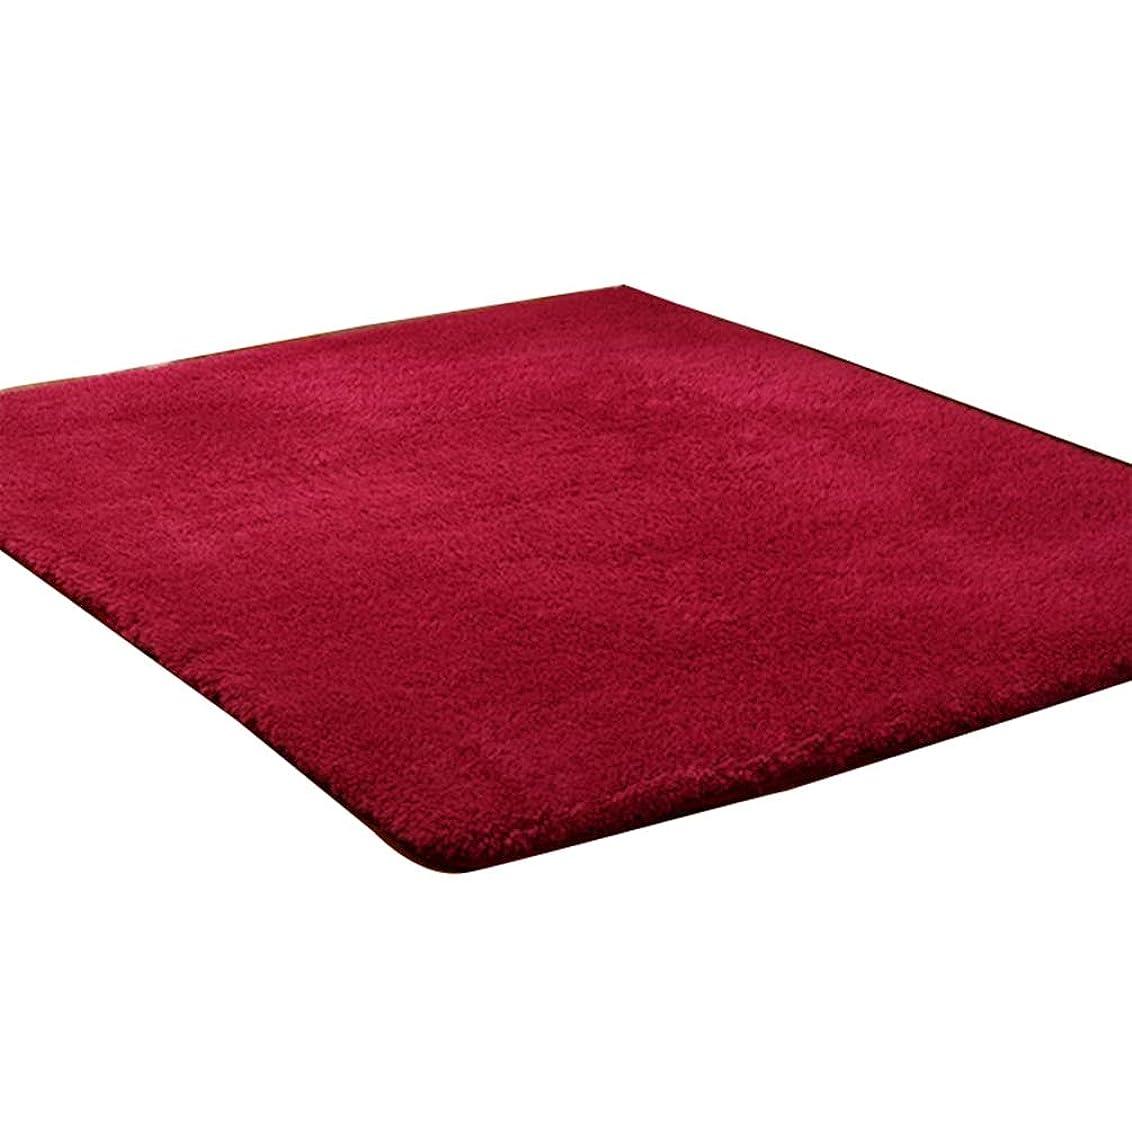 ラグマット 200cm×200cm 正方形 マイクロファイバー 160cm×200cm 長方形 厚手 100*200CM カーペット ホットカーペット対応 シャギーラグ 洗える 滑り止め付 絨毯 レッド 軽量 冬 カーペット オールシーズン 絨毯 秋冬 床暖房